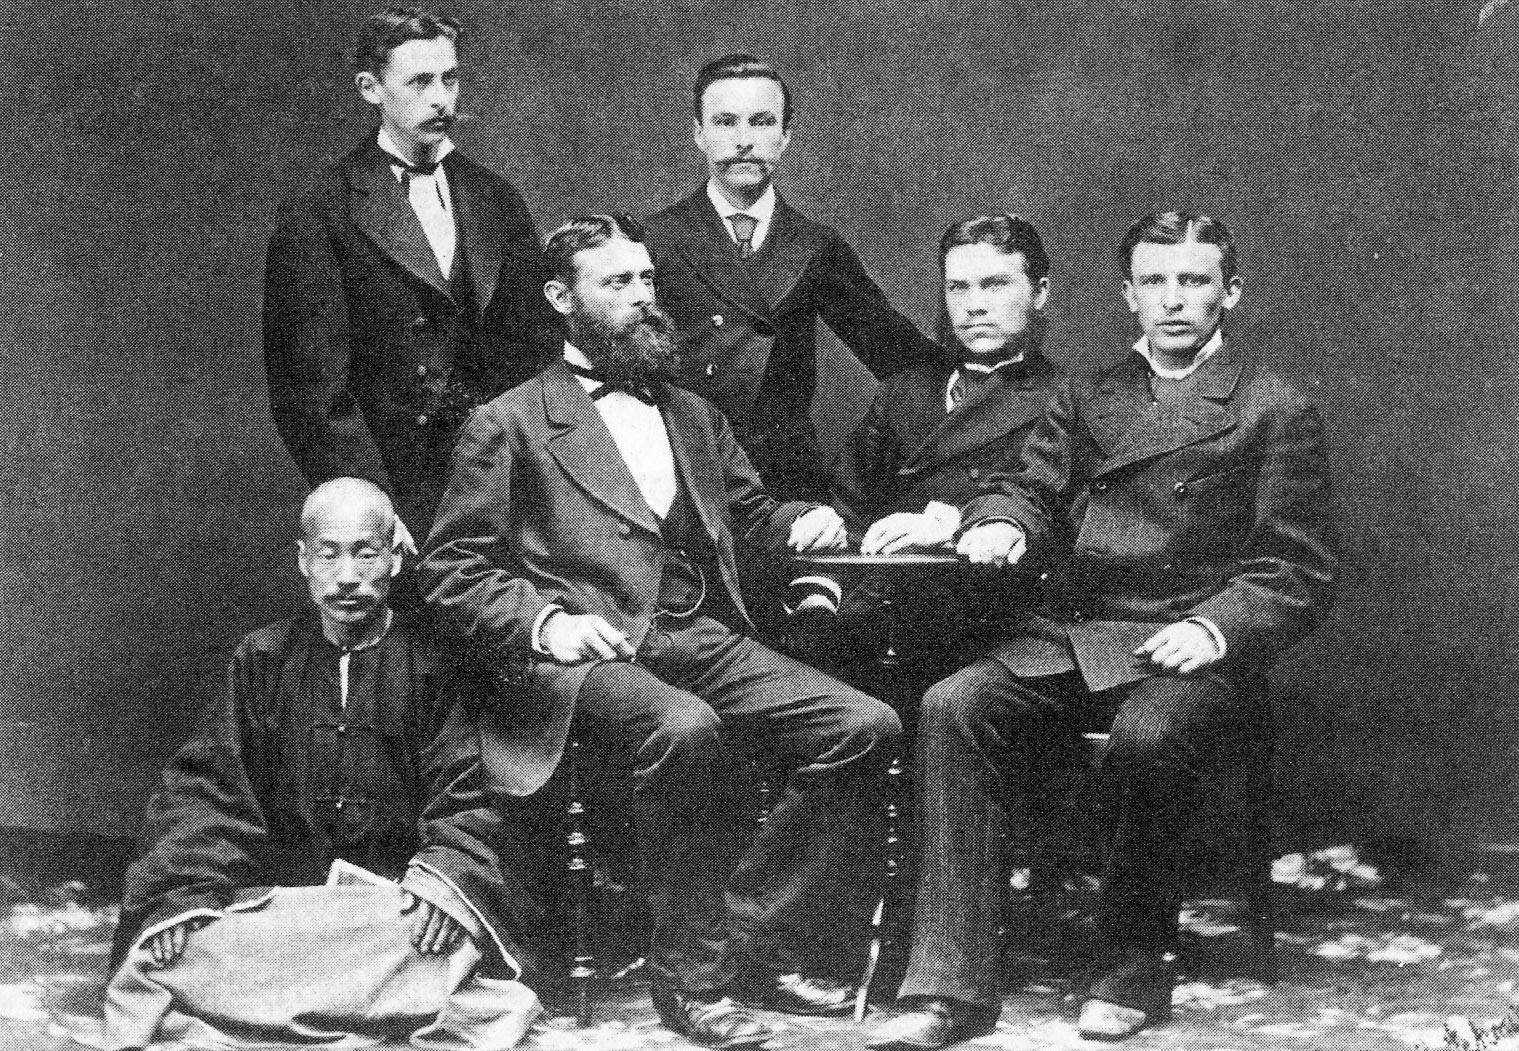 """Руководство фирме """"Кунст и Алберс"""" на последњем сусрету у Владивостоку 1880. За столом су (слева надесно): Густав Алберс, Густав Кунст и Адолф Датан, иза њих су сарадници Данац Антон Нилсен (лево) и М.М.Дмитријев (десно). Доле је Чи Мо Чен, који је био шеф кинеским радницима."""